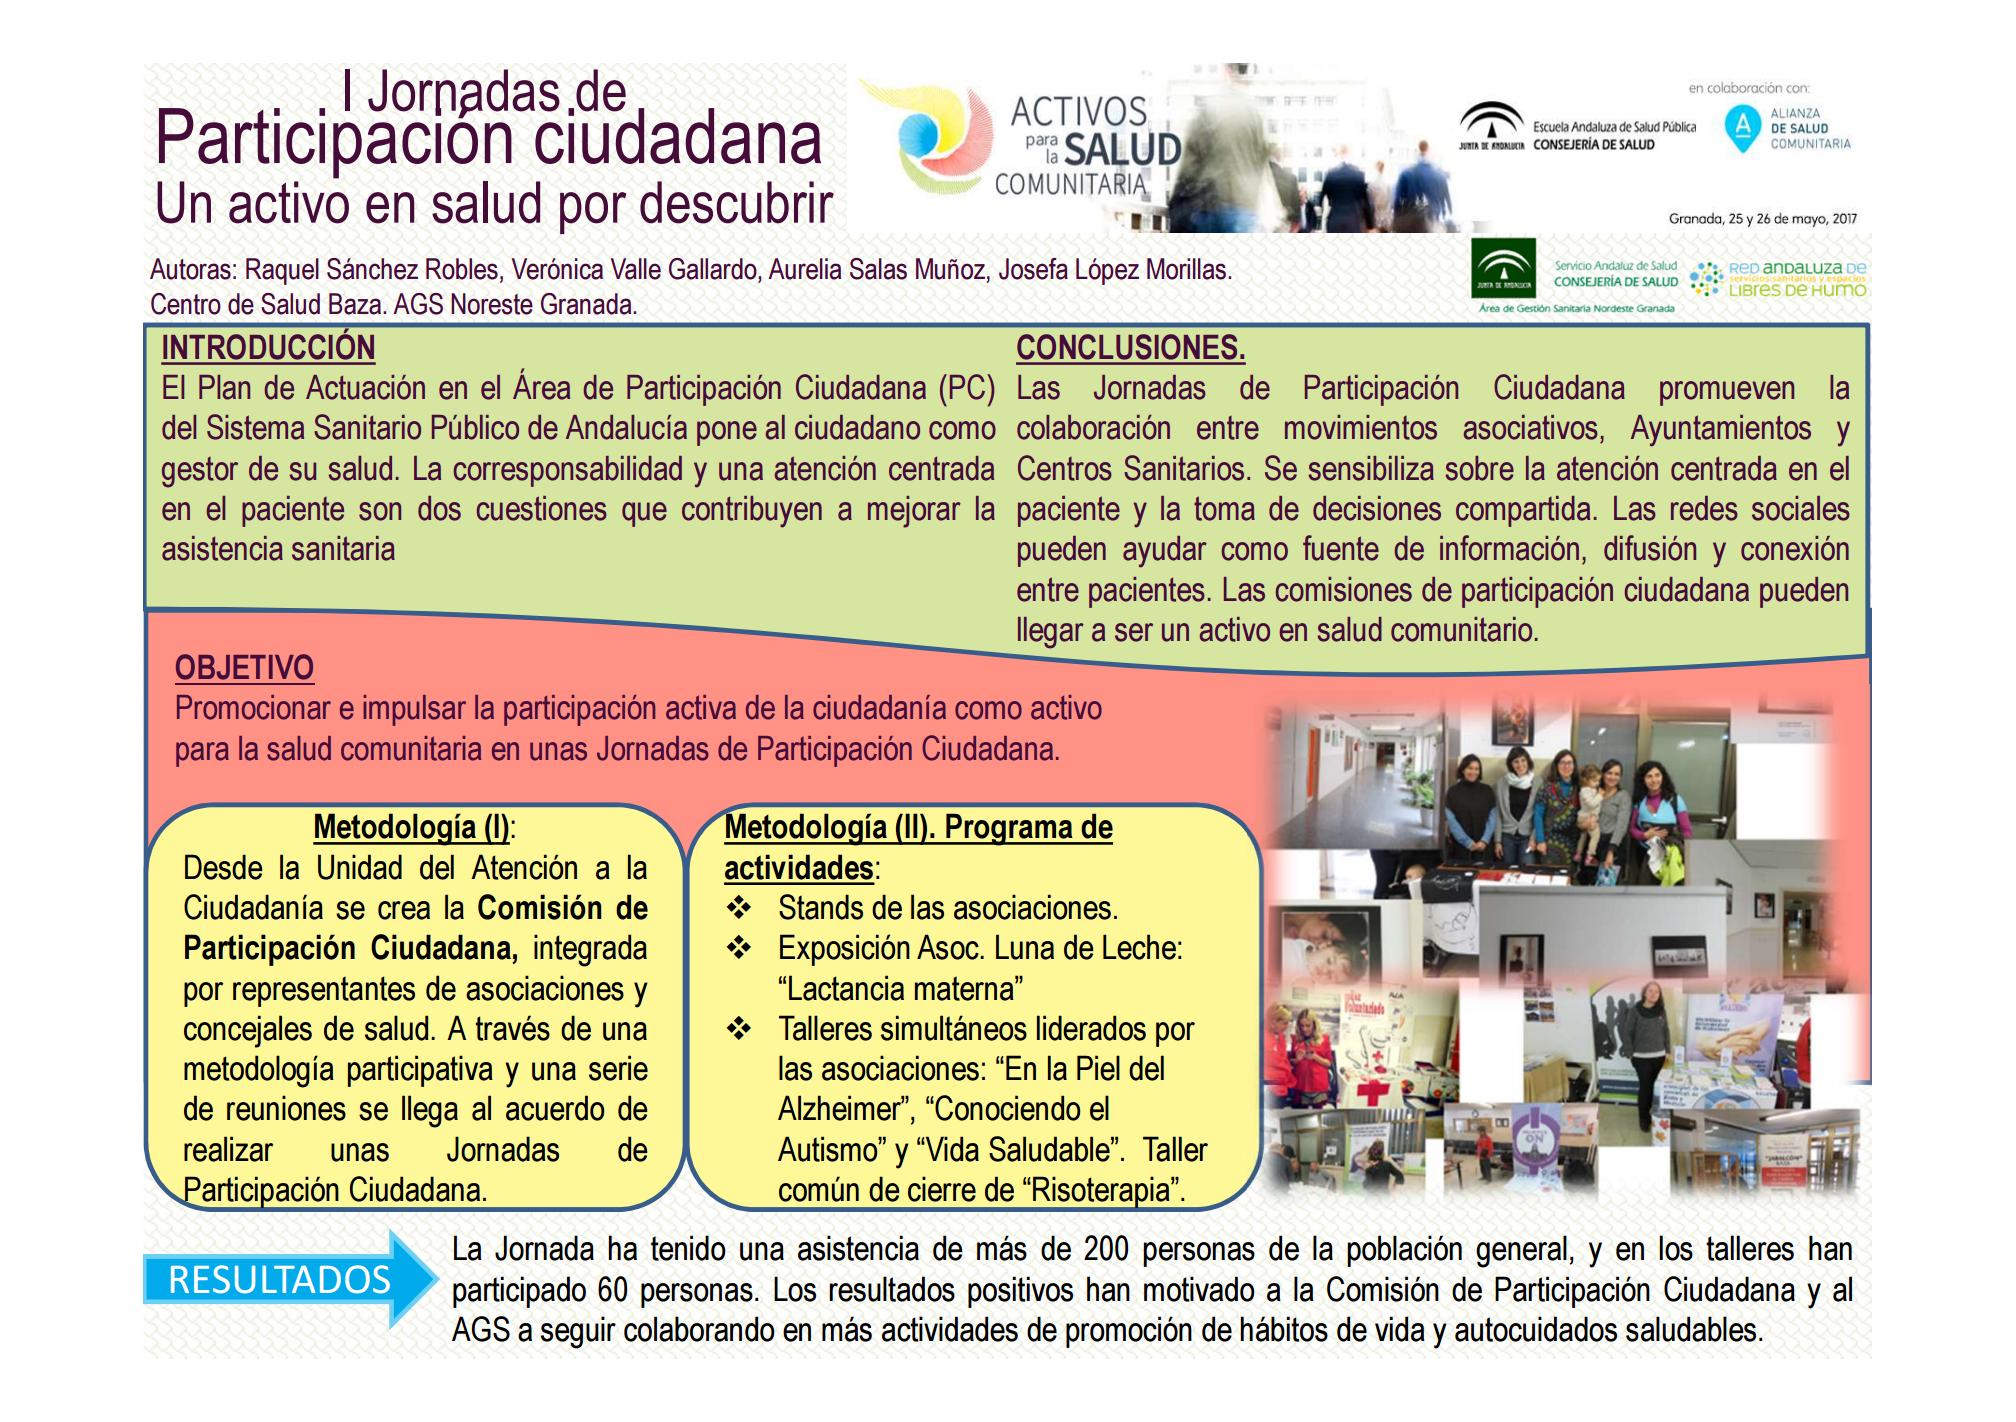 I Jornadas de Participación Ciudadana. Un activo en salud por descubrir